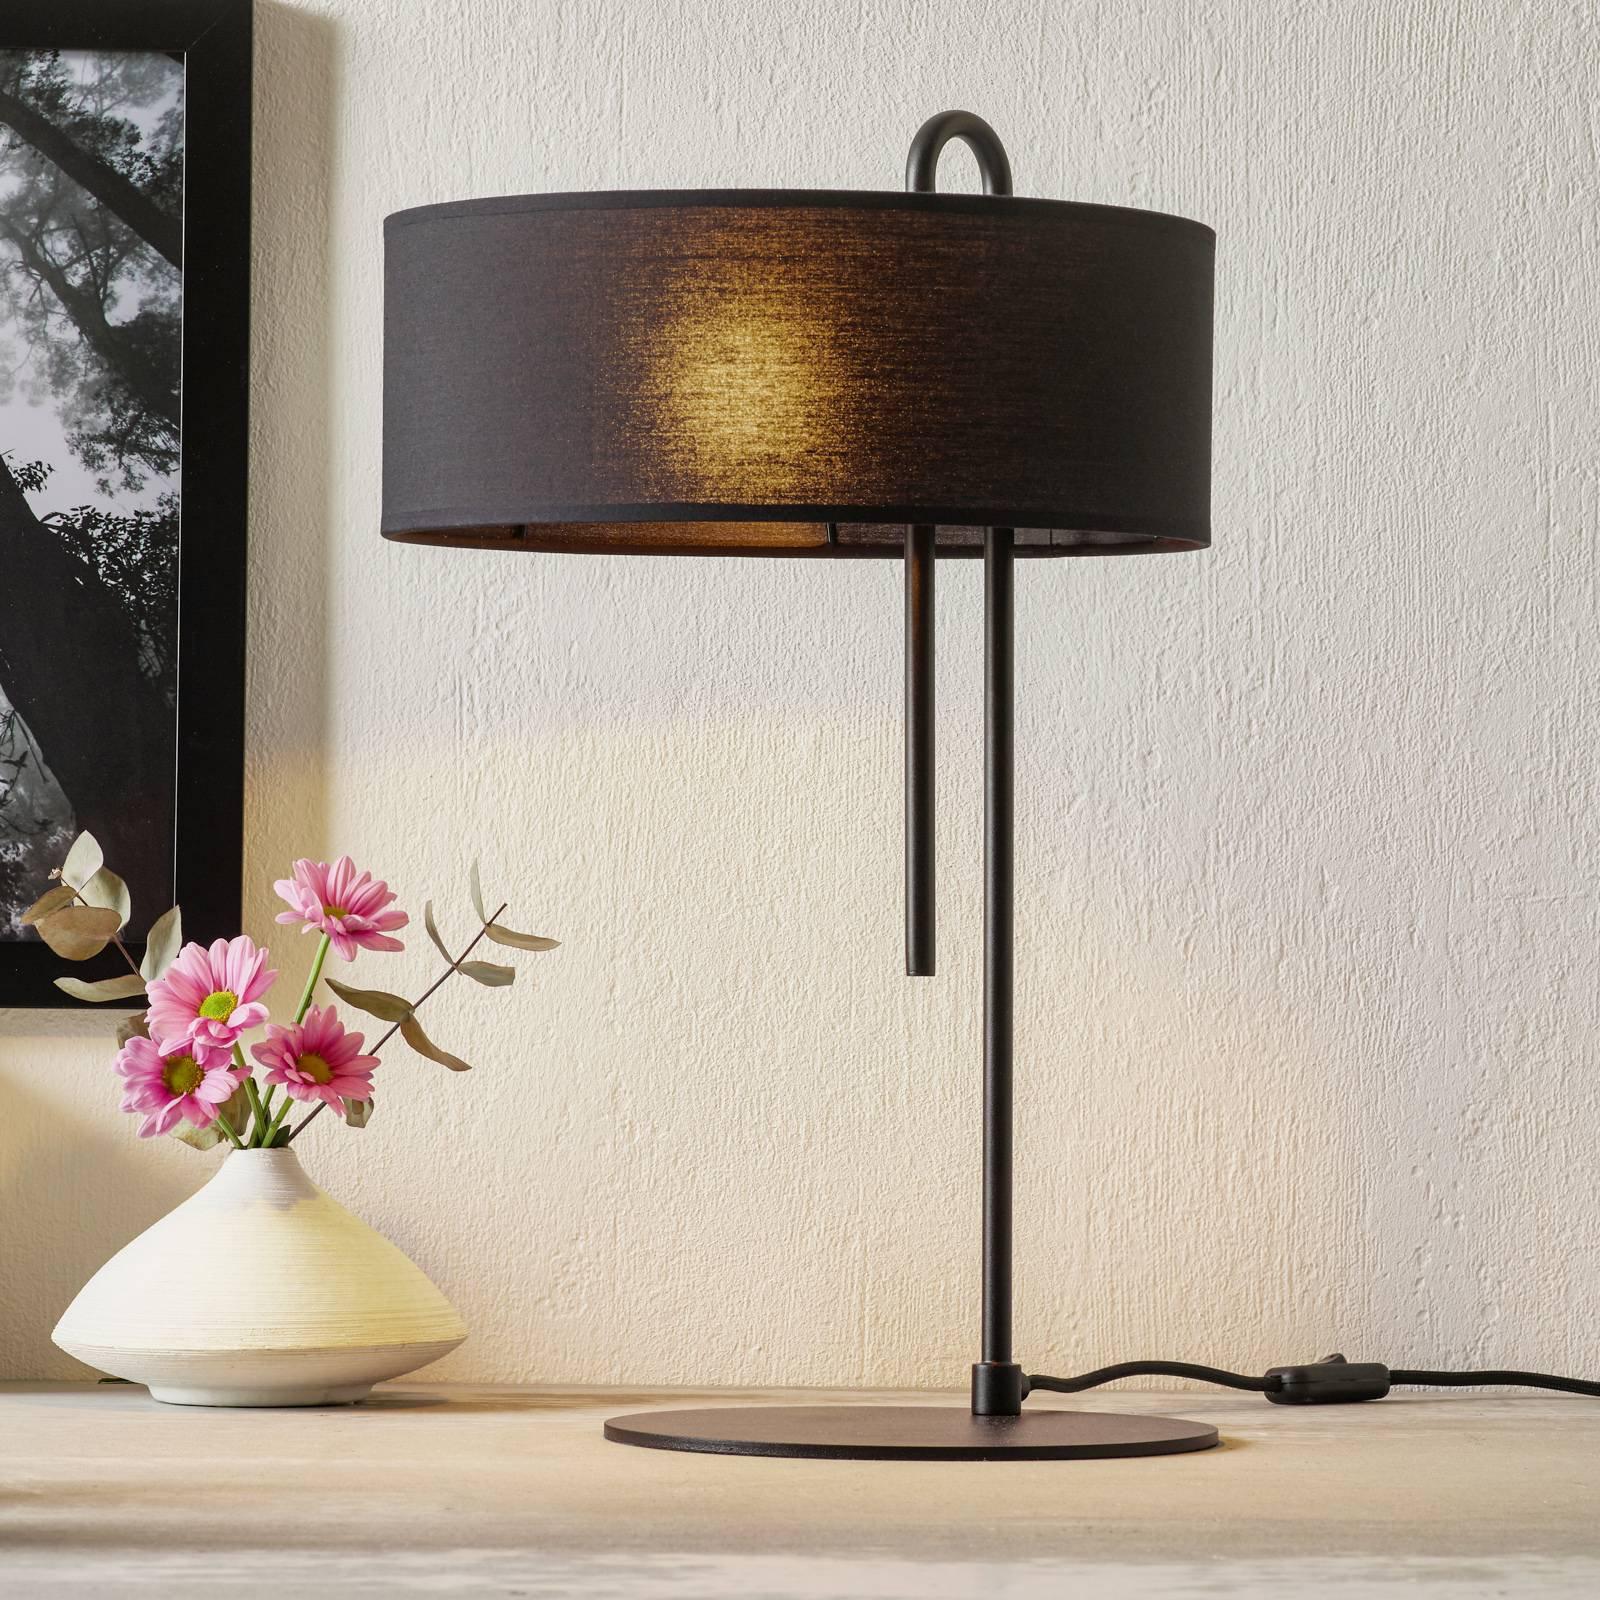 Tekstil-bordlampe Clip, svart, høyde 53 cm